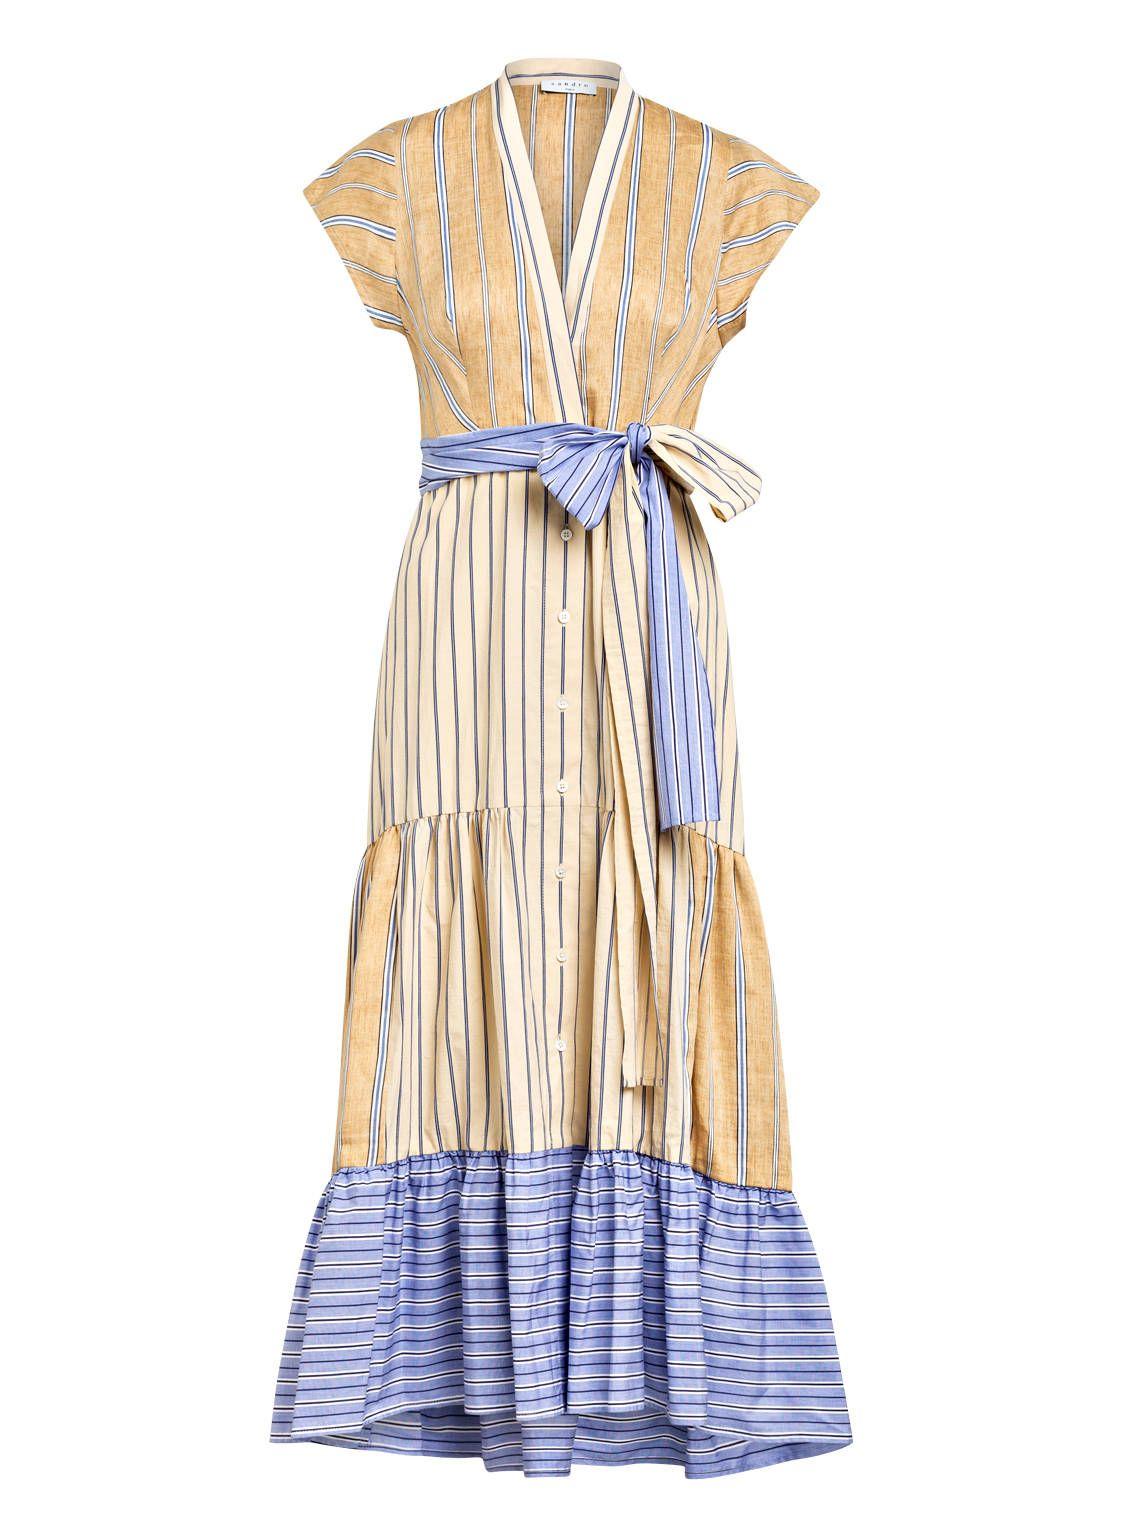 Leinenkleid von sandro bei Breuninger kaufen